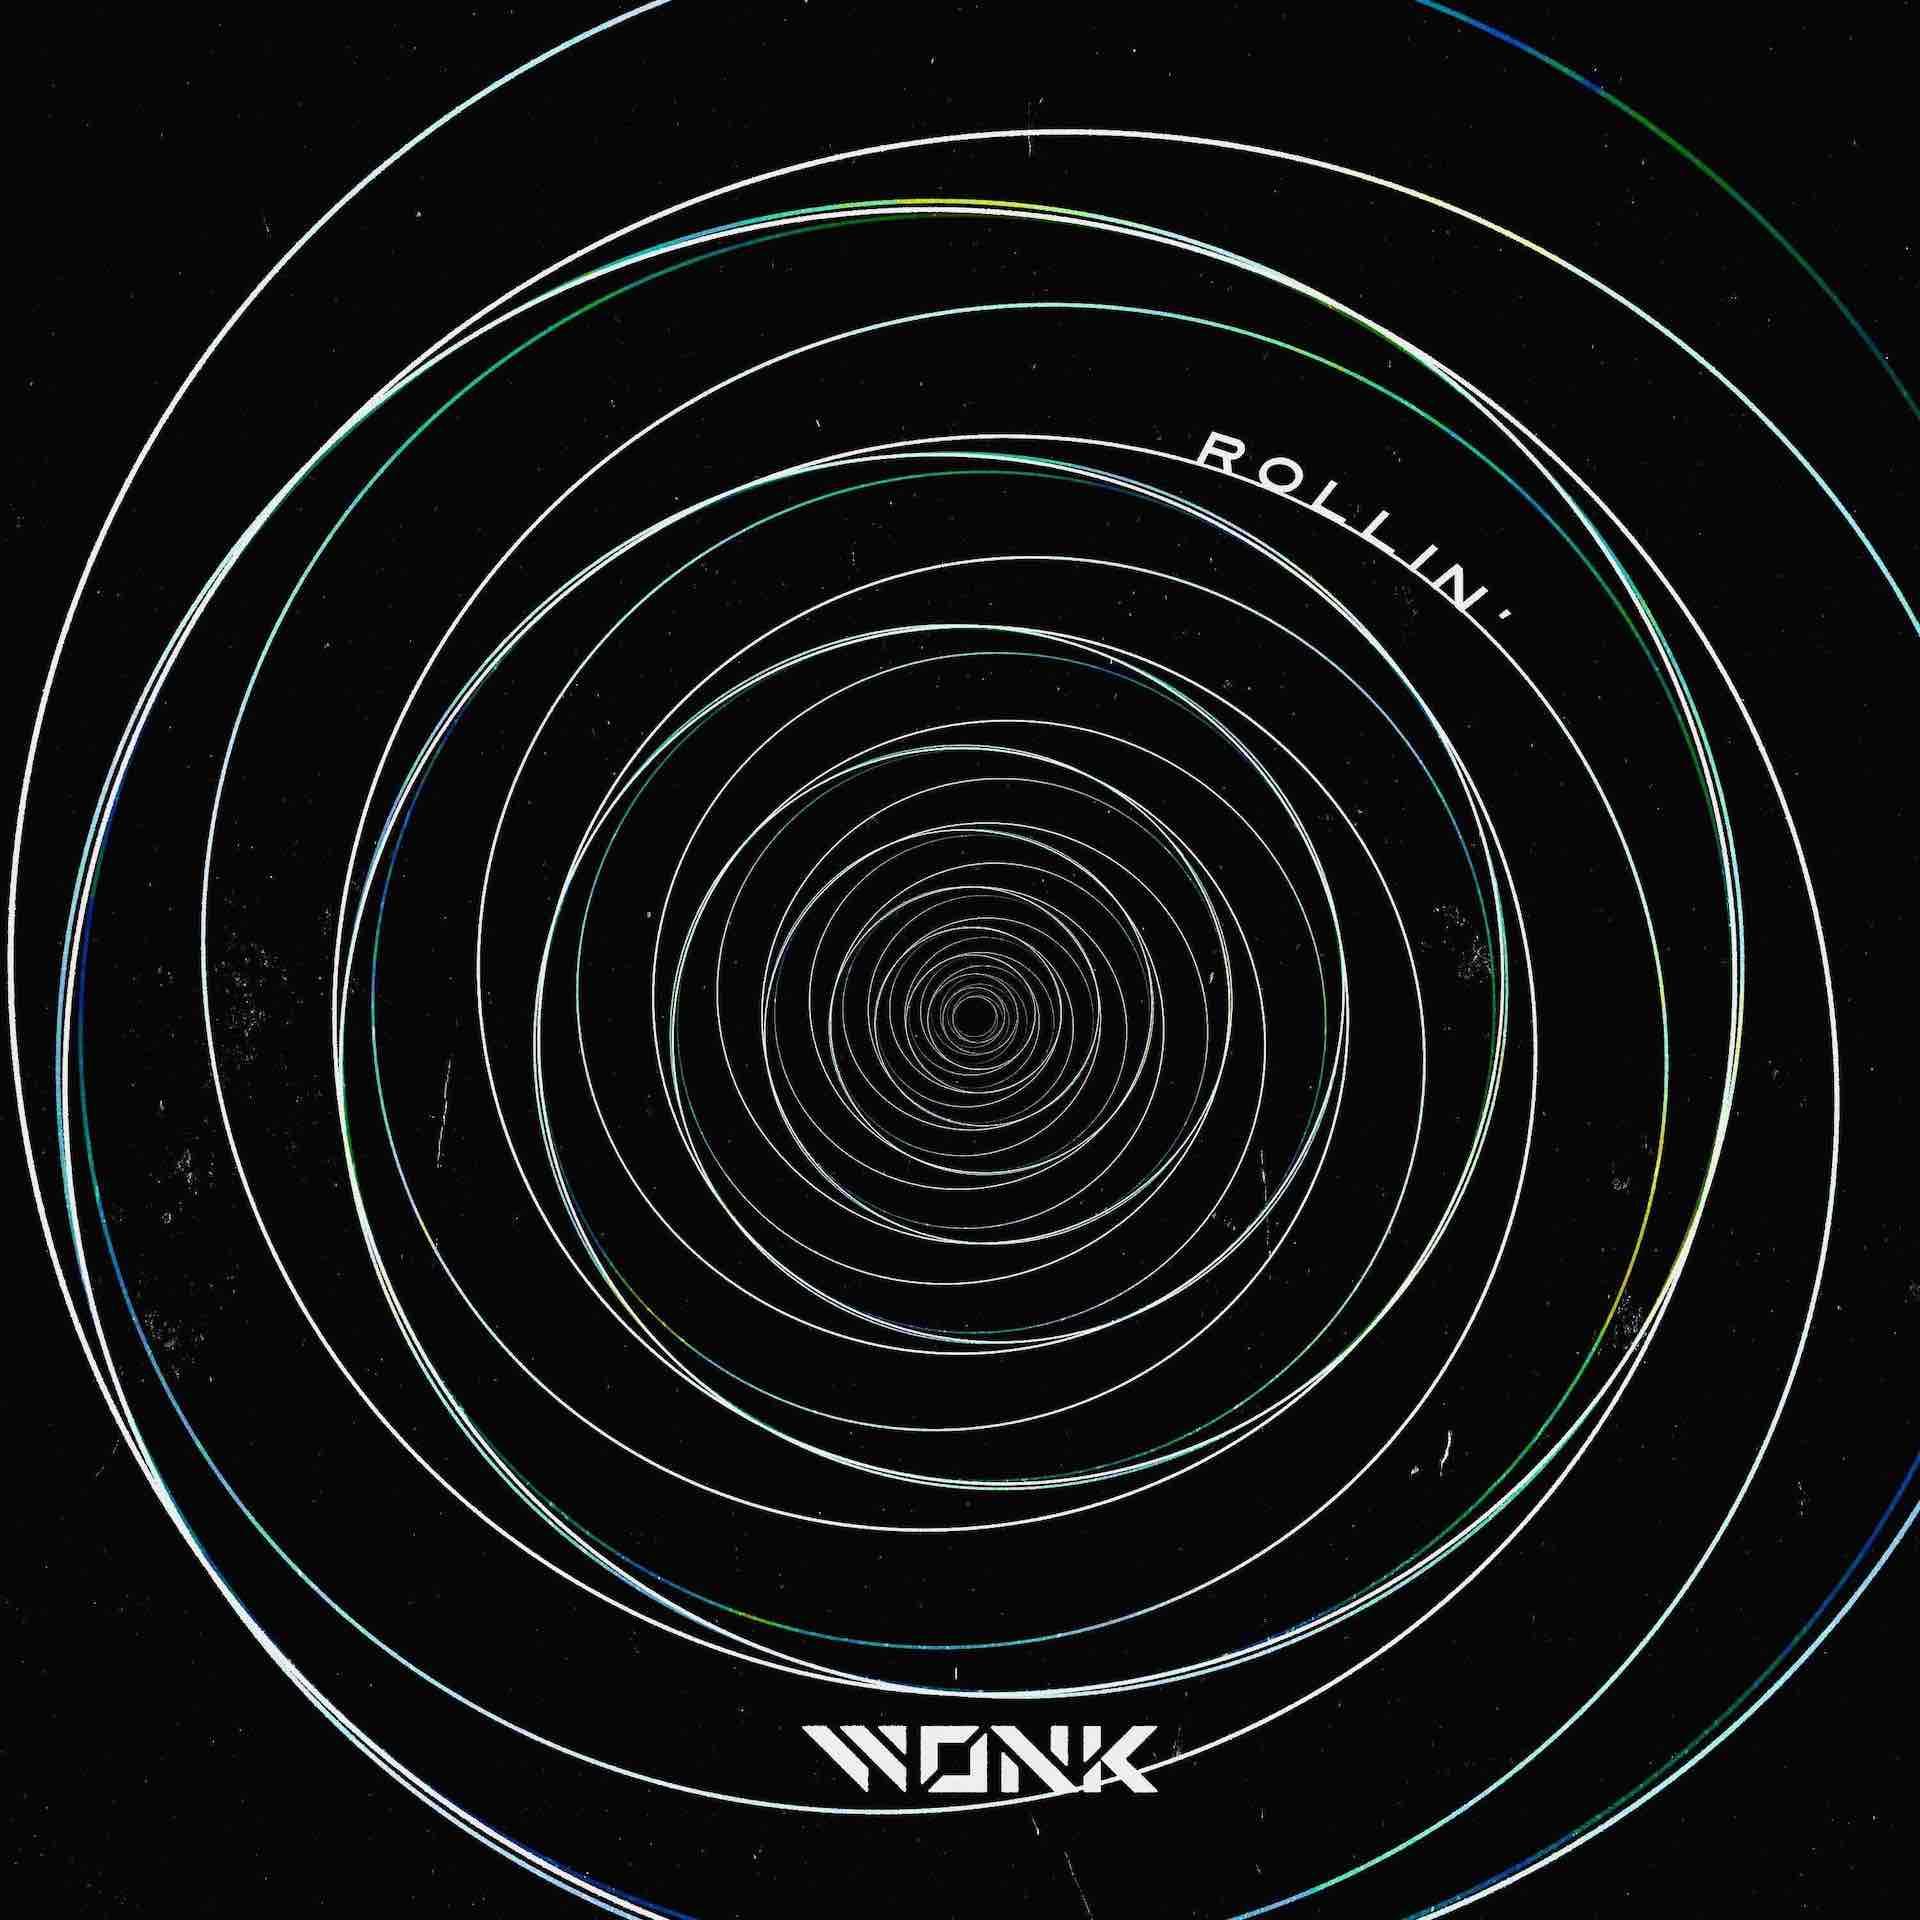 """WONKがニューアルバム『EYES』より""""Rollin'""""の3D CGオーディオビジュアルを公開!NHKにてTV初パフォーマンスも music200611_wonk_02"""